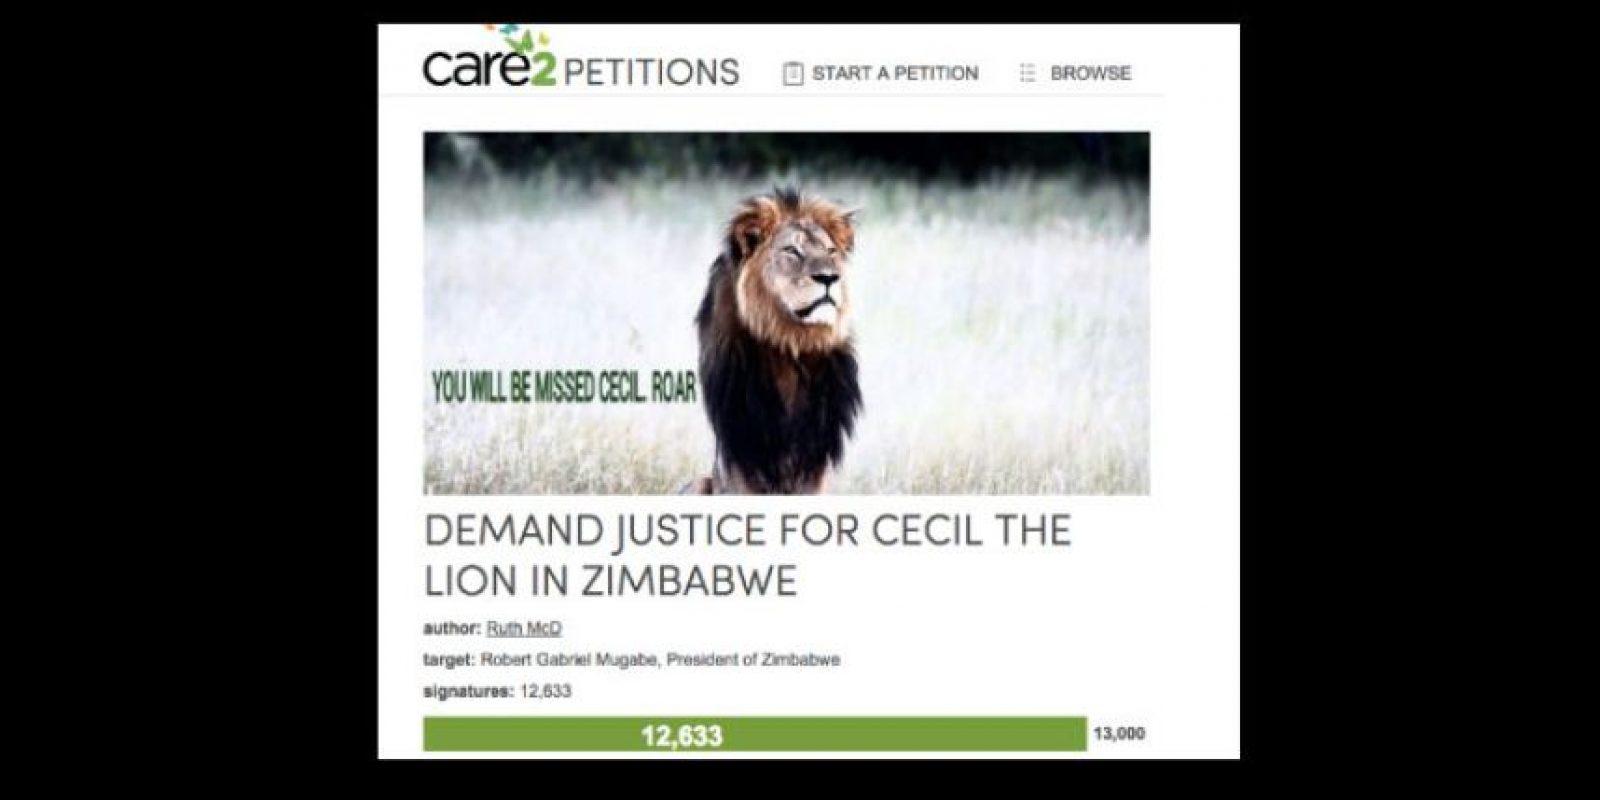 Palmer lo mató a la antigua: con arcos y flechas. Apenas se supo de su identidad, los grupos conservacionistas de Zimbawe estallaron. E Internet también. Foto:vía Care2 Petitions